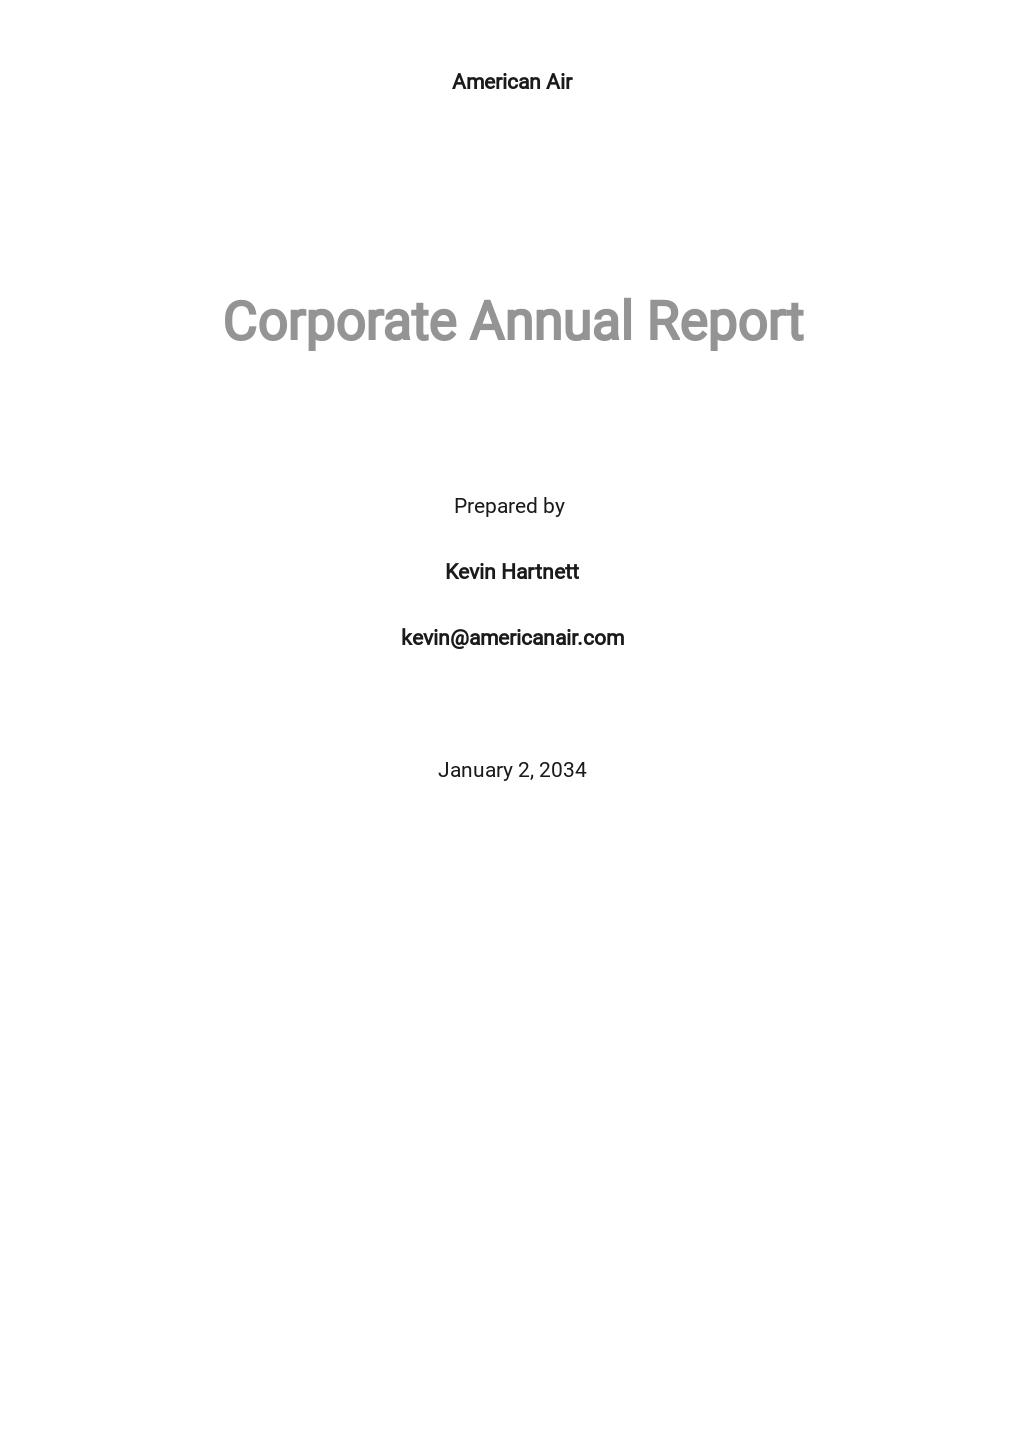 Corporate Annual Report Template.jpe